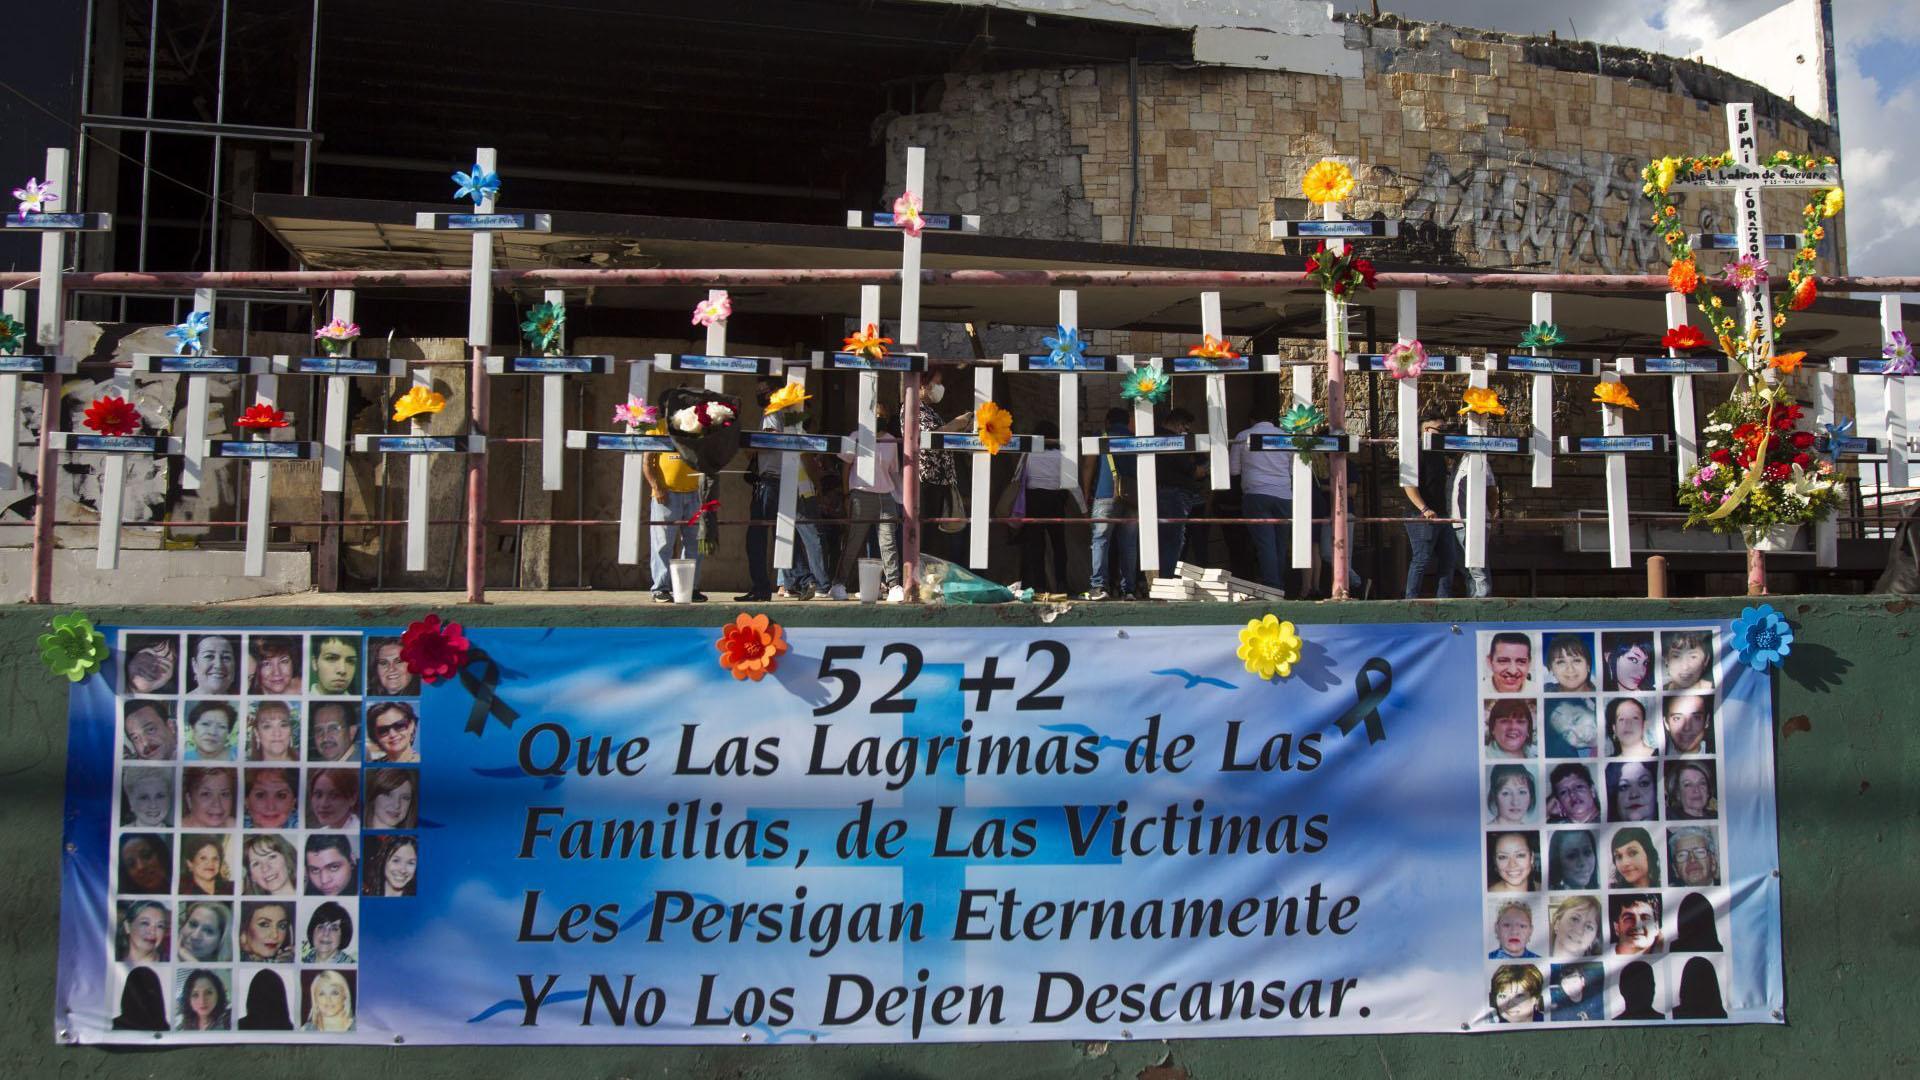 Familiares de las víctimas del atentado del Casino Royale, acudieron a las afueras del lugar para encender velas y orar, a nueve años de los hechos donde murieron 52 personas, incluyendo a dos mujeres embarazadas (Foto: Cuartoscuro)